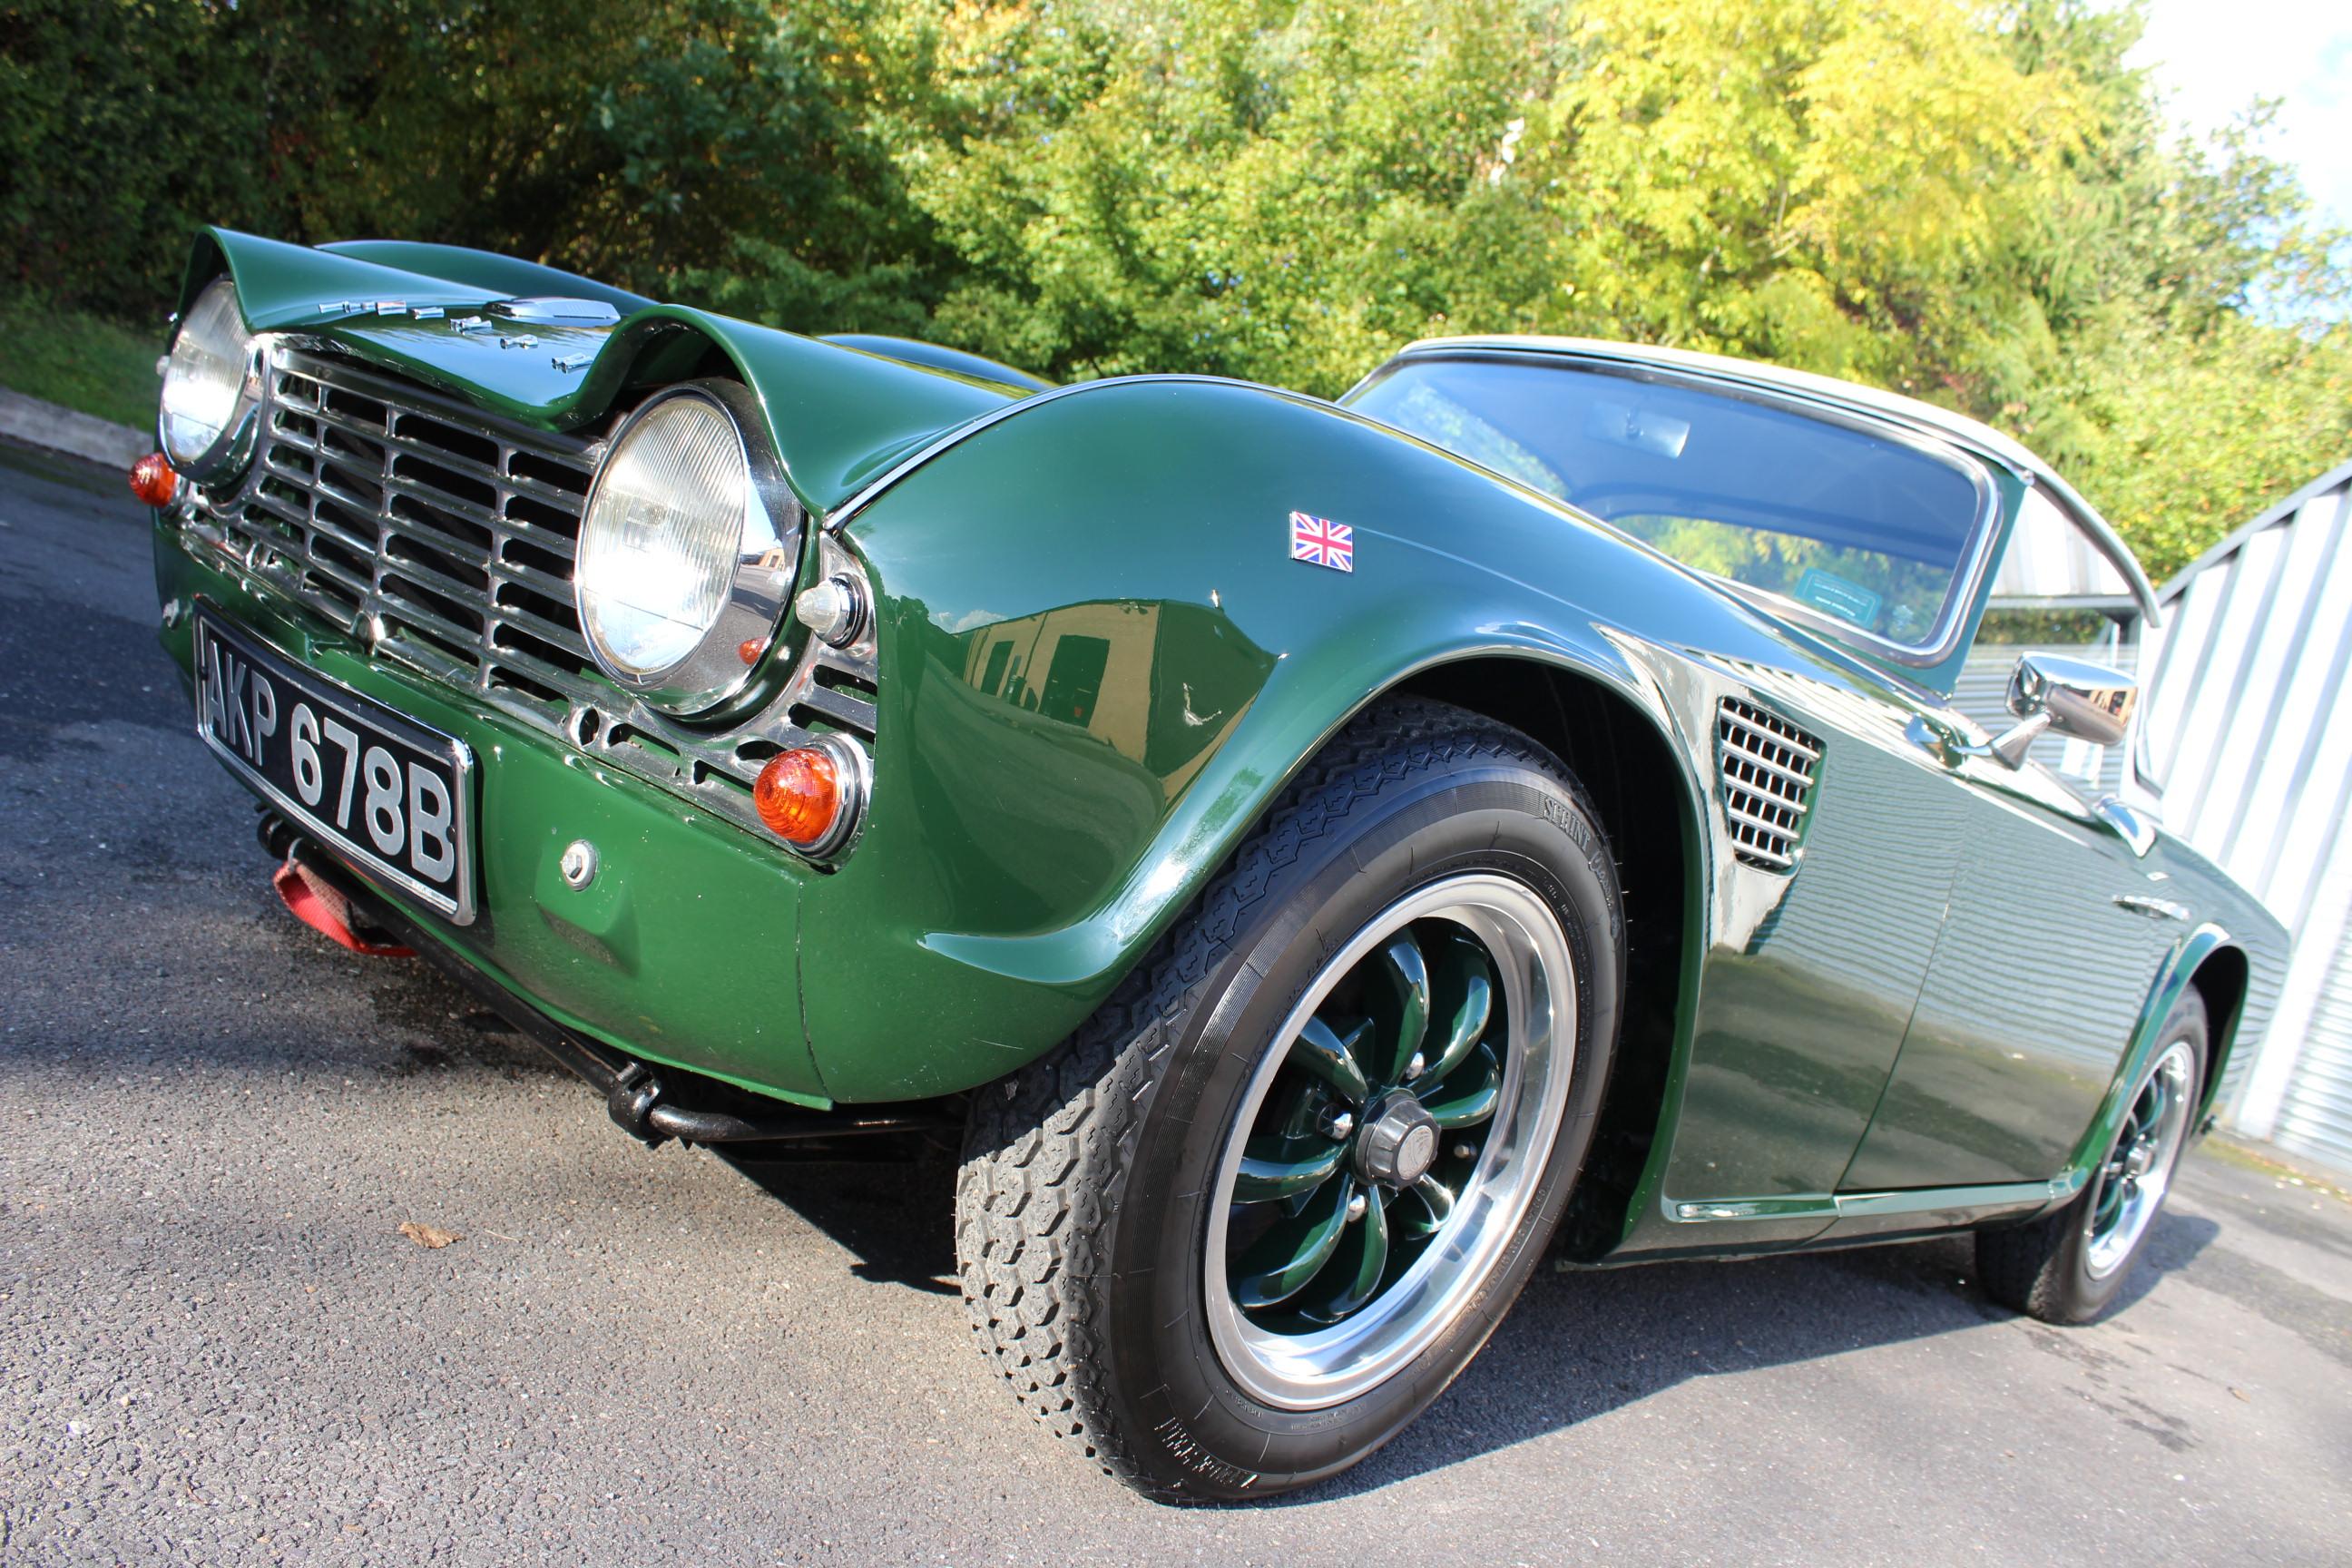 1964 Triumph Tr4 Sherwood Restorations